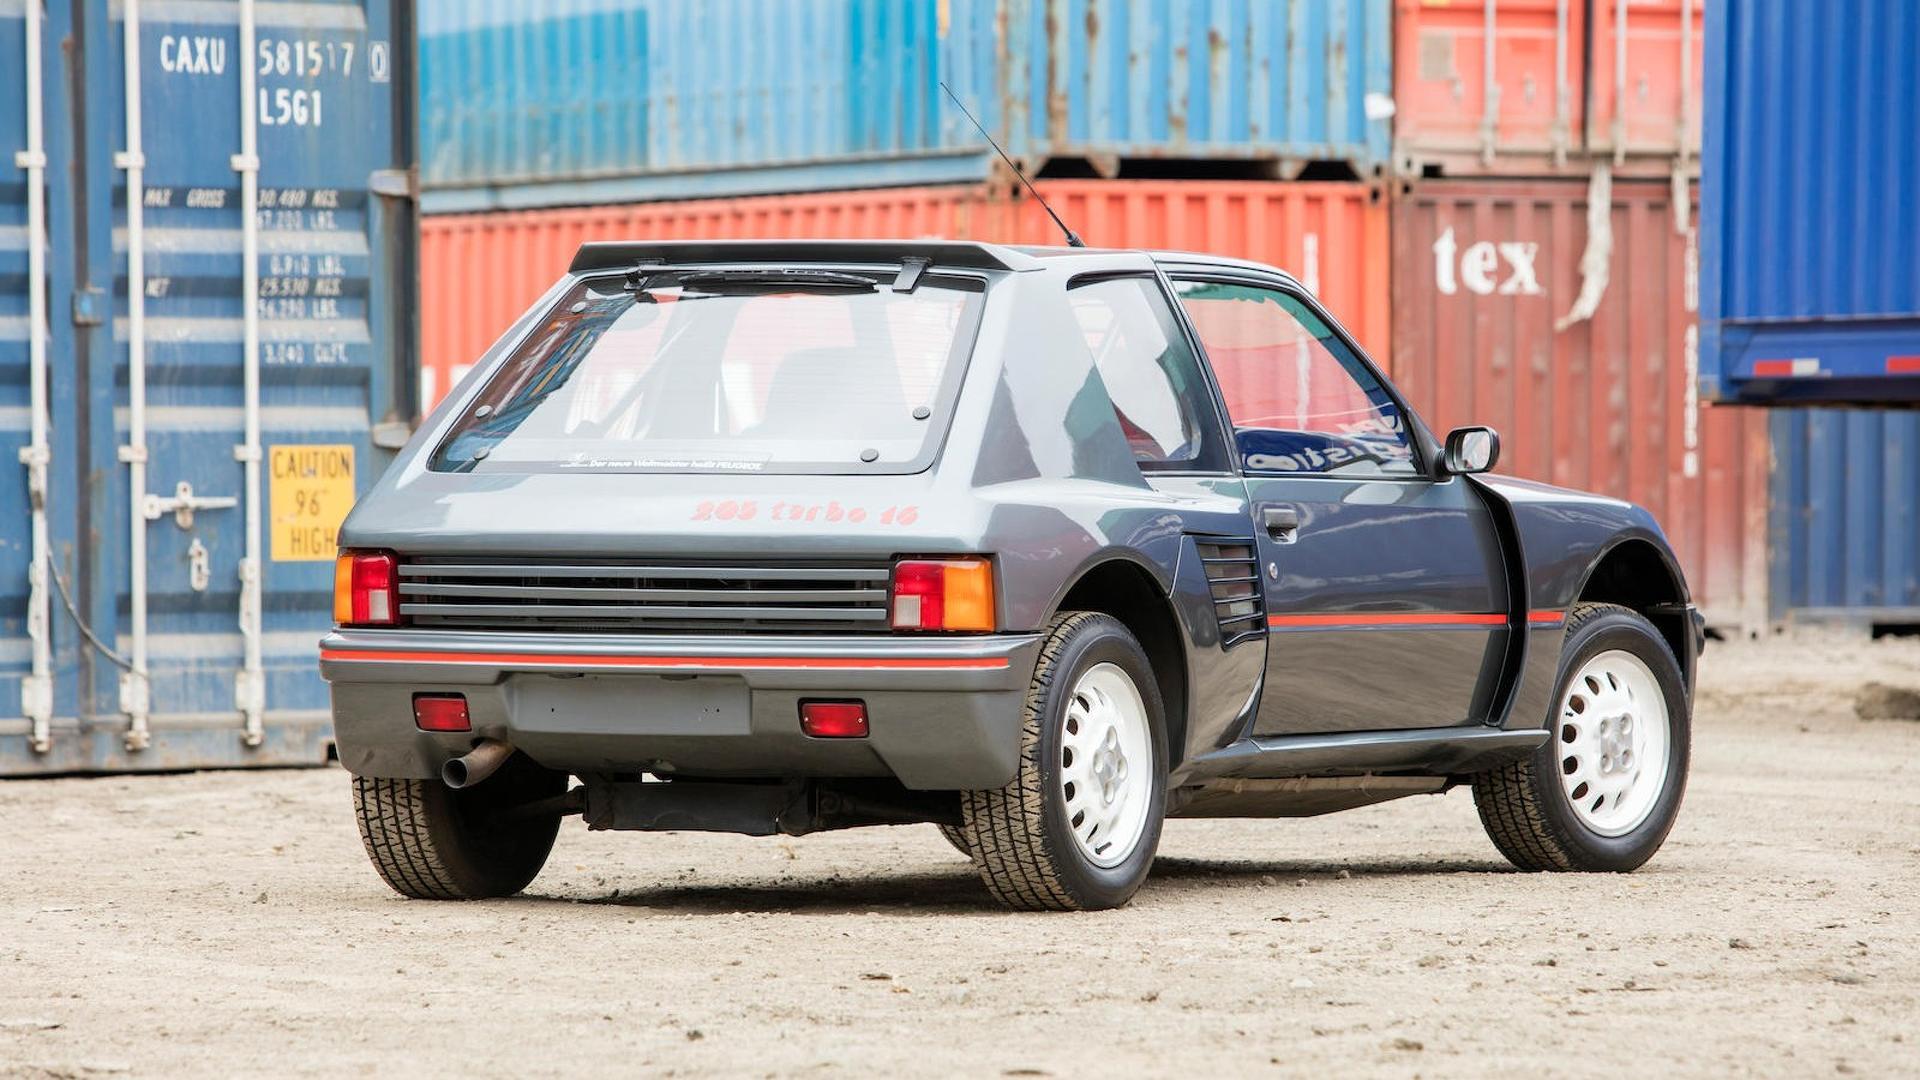 1985_Peugeot_205_Turbo_16_12